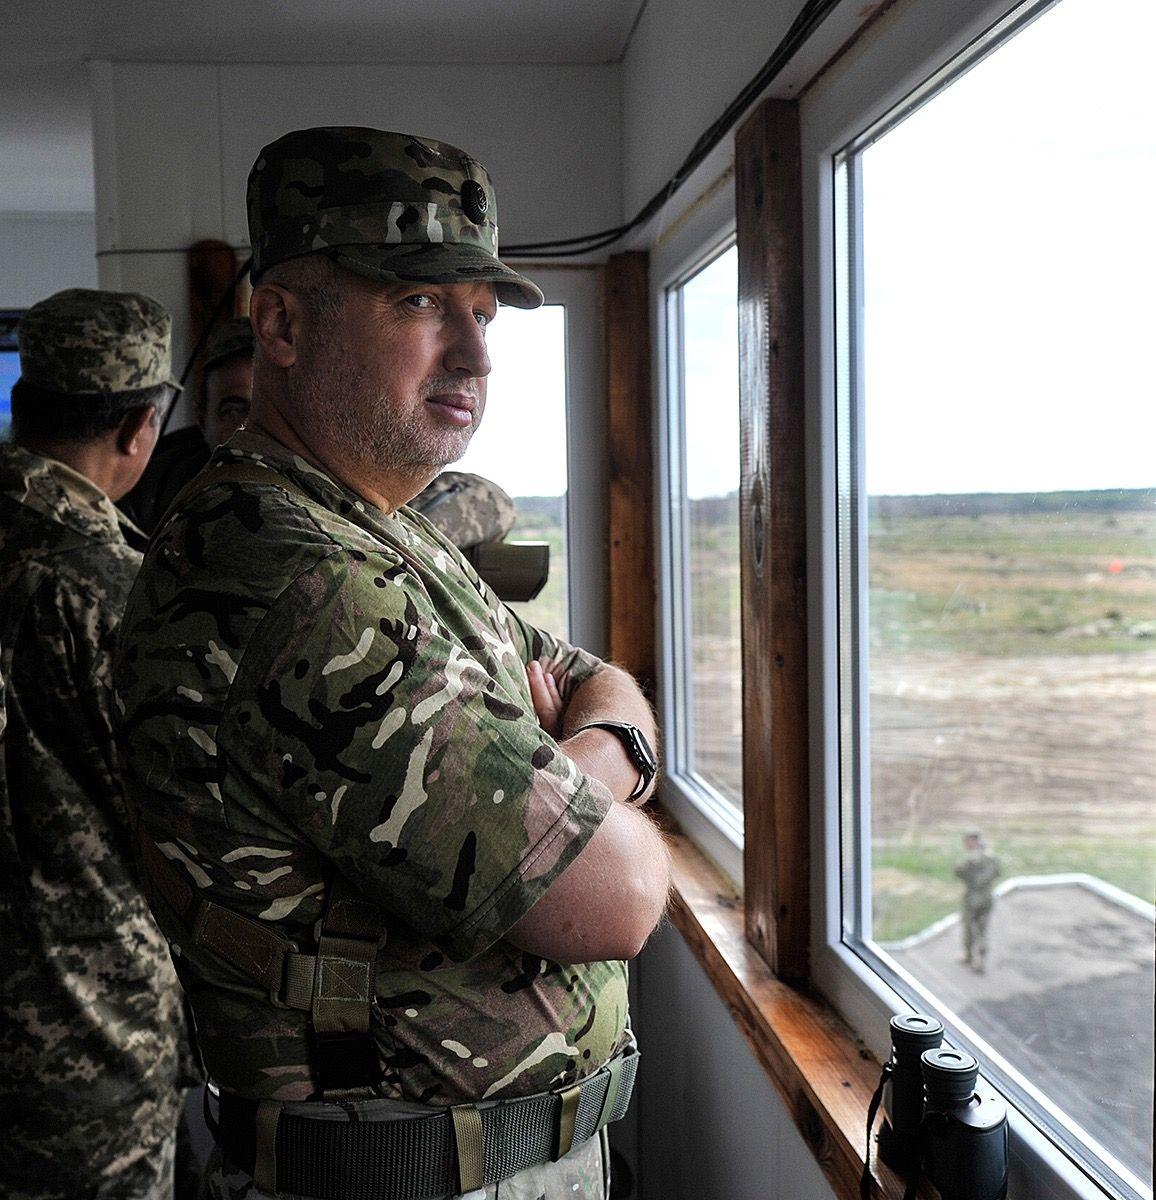 Турчинов прокомментировал сообщения о поставках оружия в Южный Судан / фото СНБО Украины